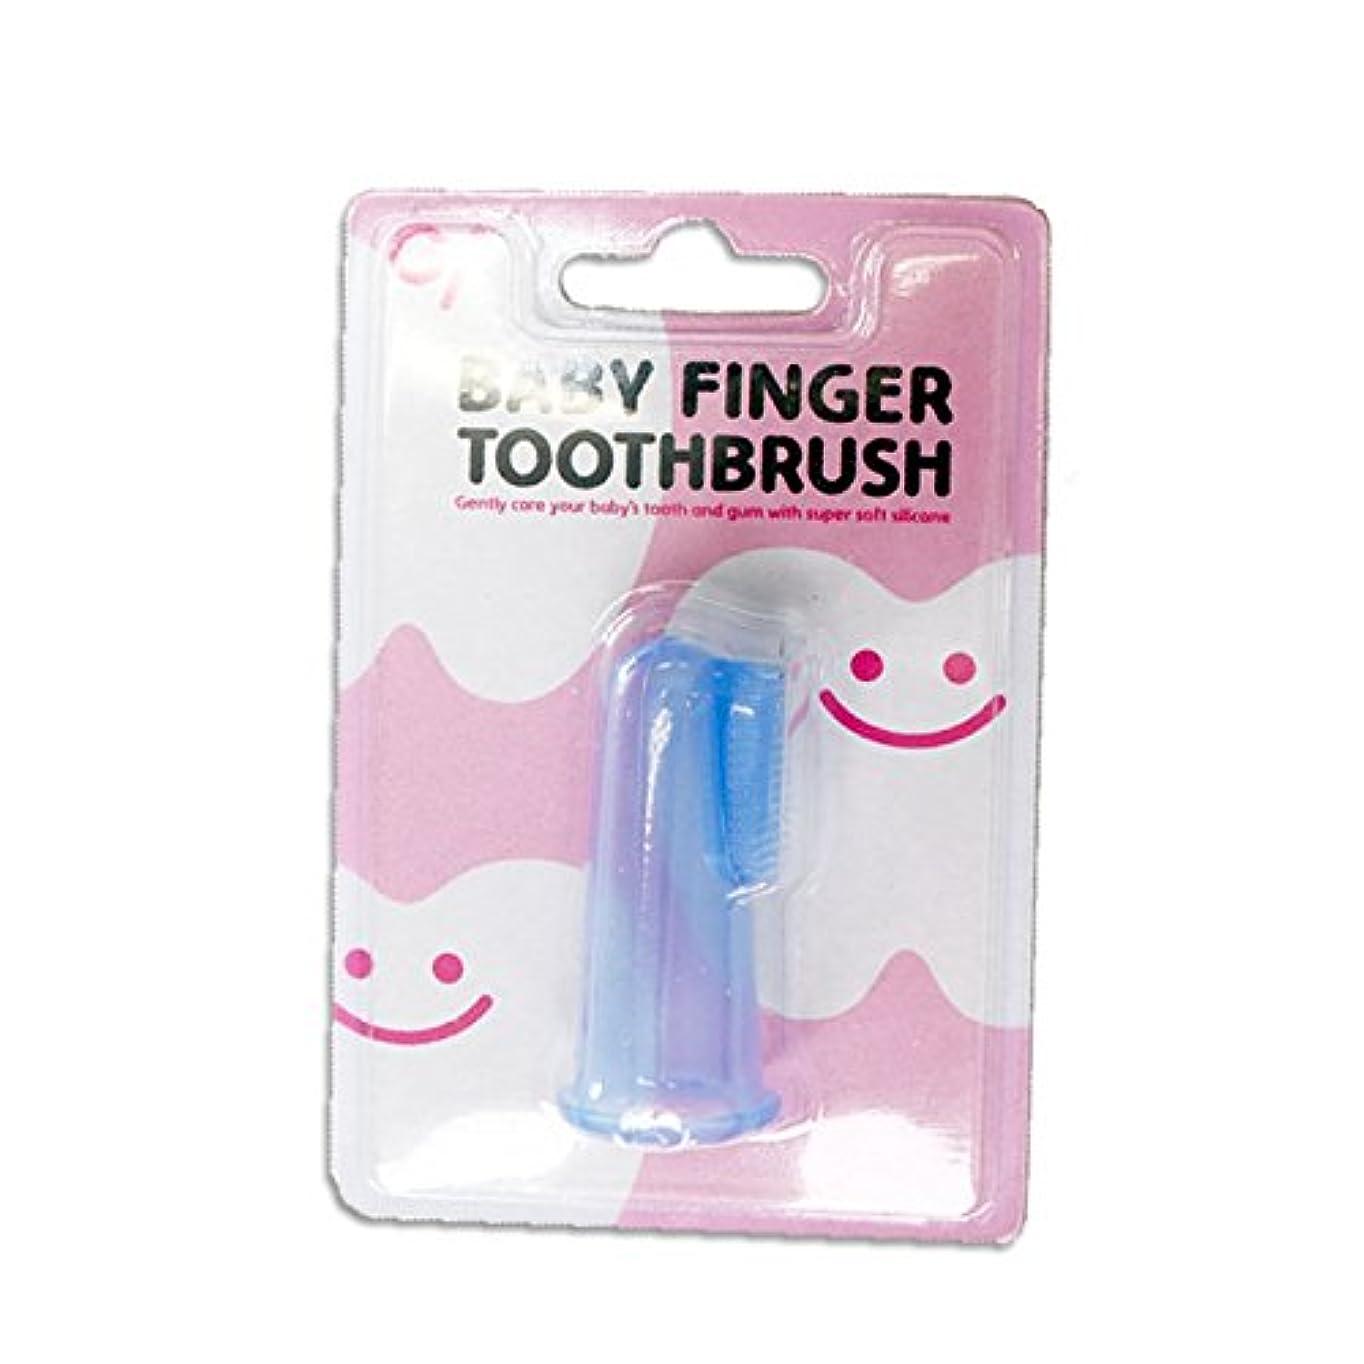 消防士悪の愛情ベビーフィンガートゥースブラッシュ ベビーフィンガー歯ブラシ 12個入り BABY FINGER TOOTHBRUSH